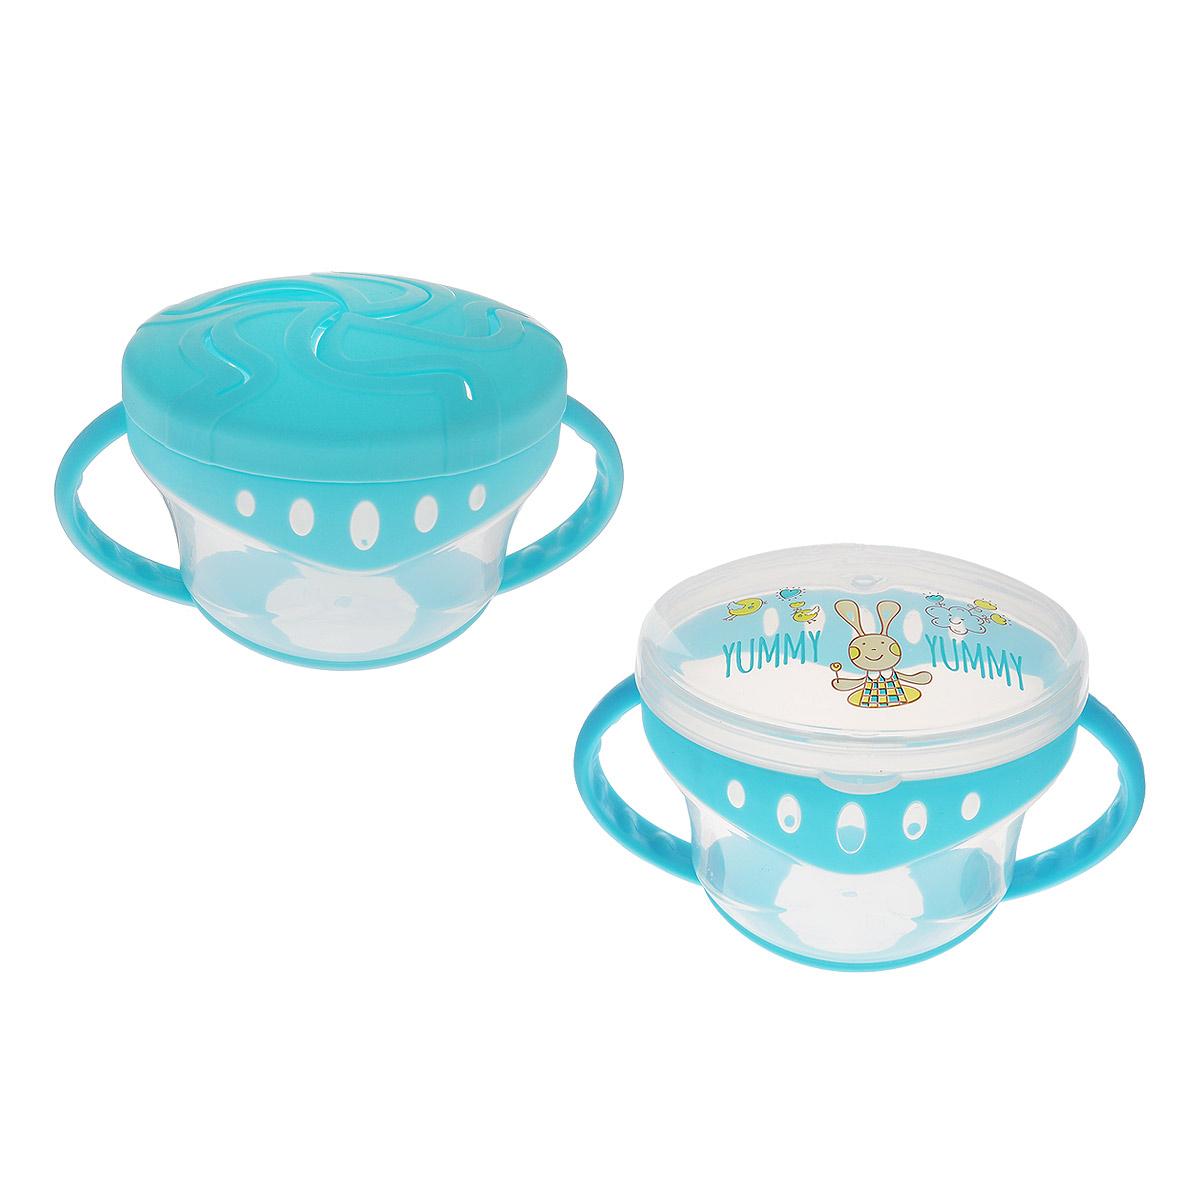 Набор детских тарелок Happy Baby Comfy Plate, с двумя крышками, от 6 месяцев, цвет: голубой15020_голубойНабор детских тарелок Happy Baby Comfy Plate состоит из двух тарелочек и двух разных крышек. Одна крышка герметичная, поэтому благодаря ей тарелку можно использовать как контейнер для хранения еды. Вторая крышка с прорезями для вентиляции пищи. Изображенные весёлые рисунки заинтересуют и порадуют вашего малыша. Рекомендовано детям старше шести месяцев.